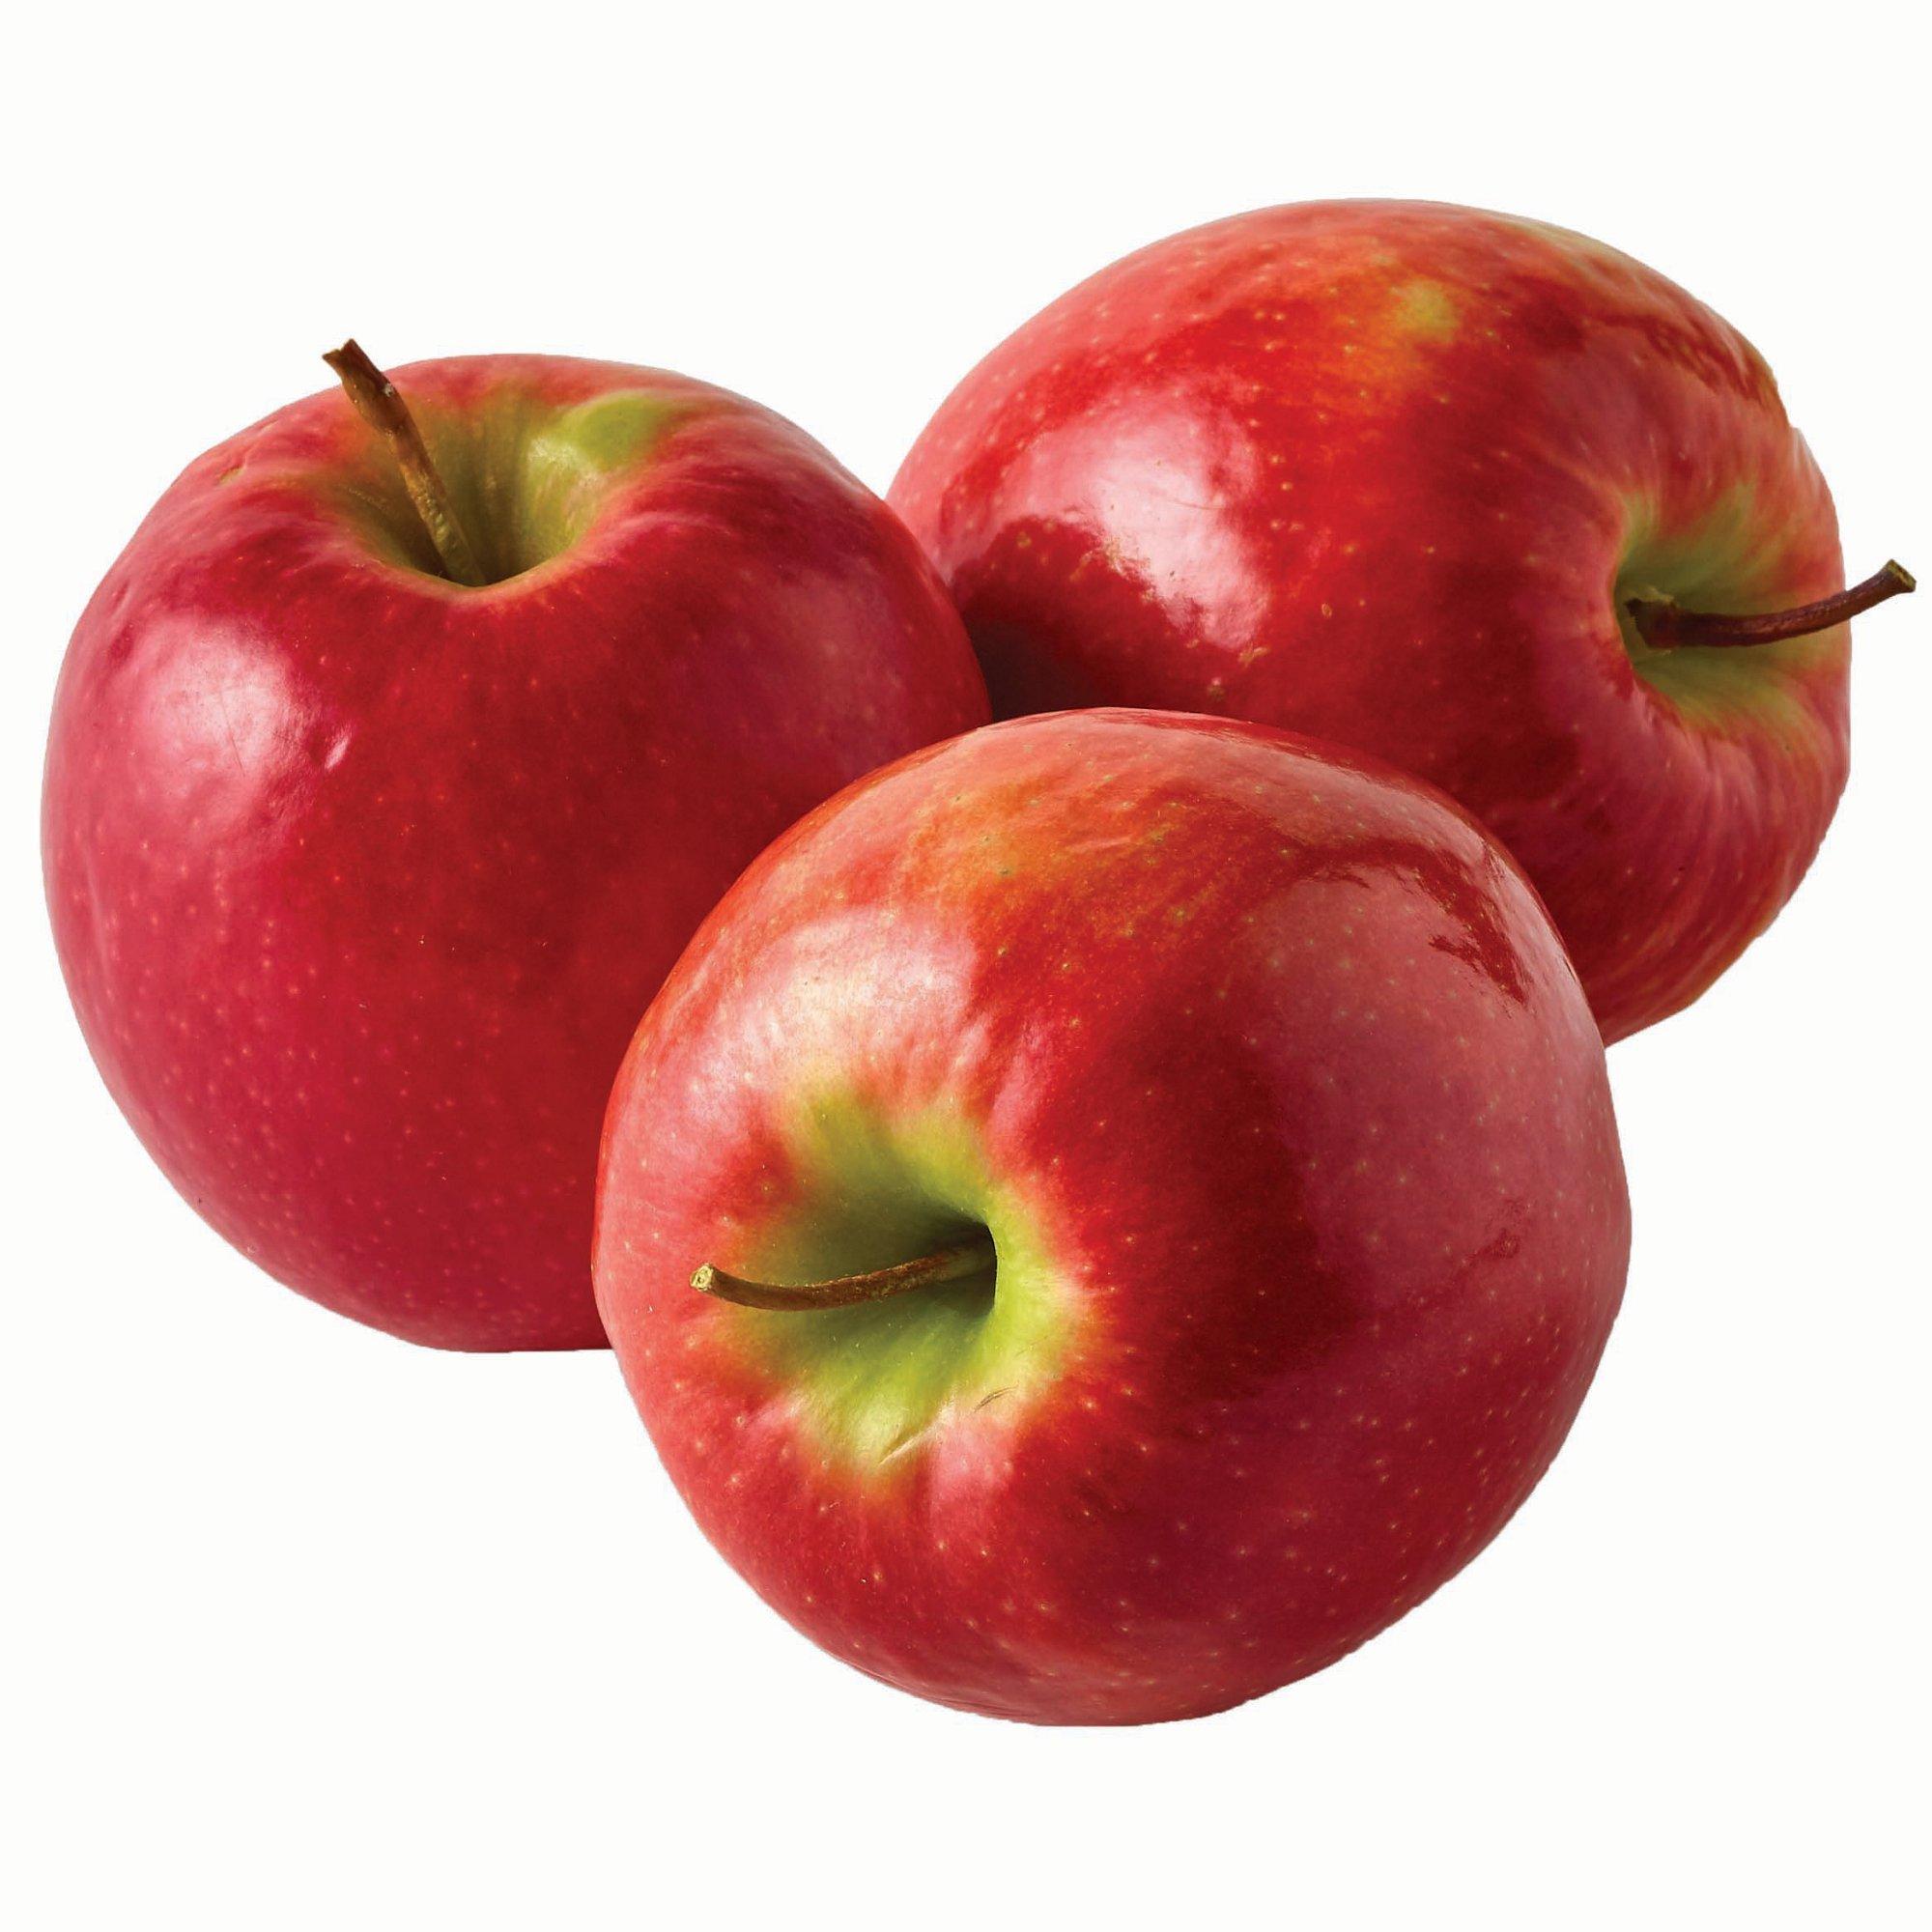 فوائد التفاح للجسم 1